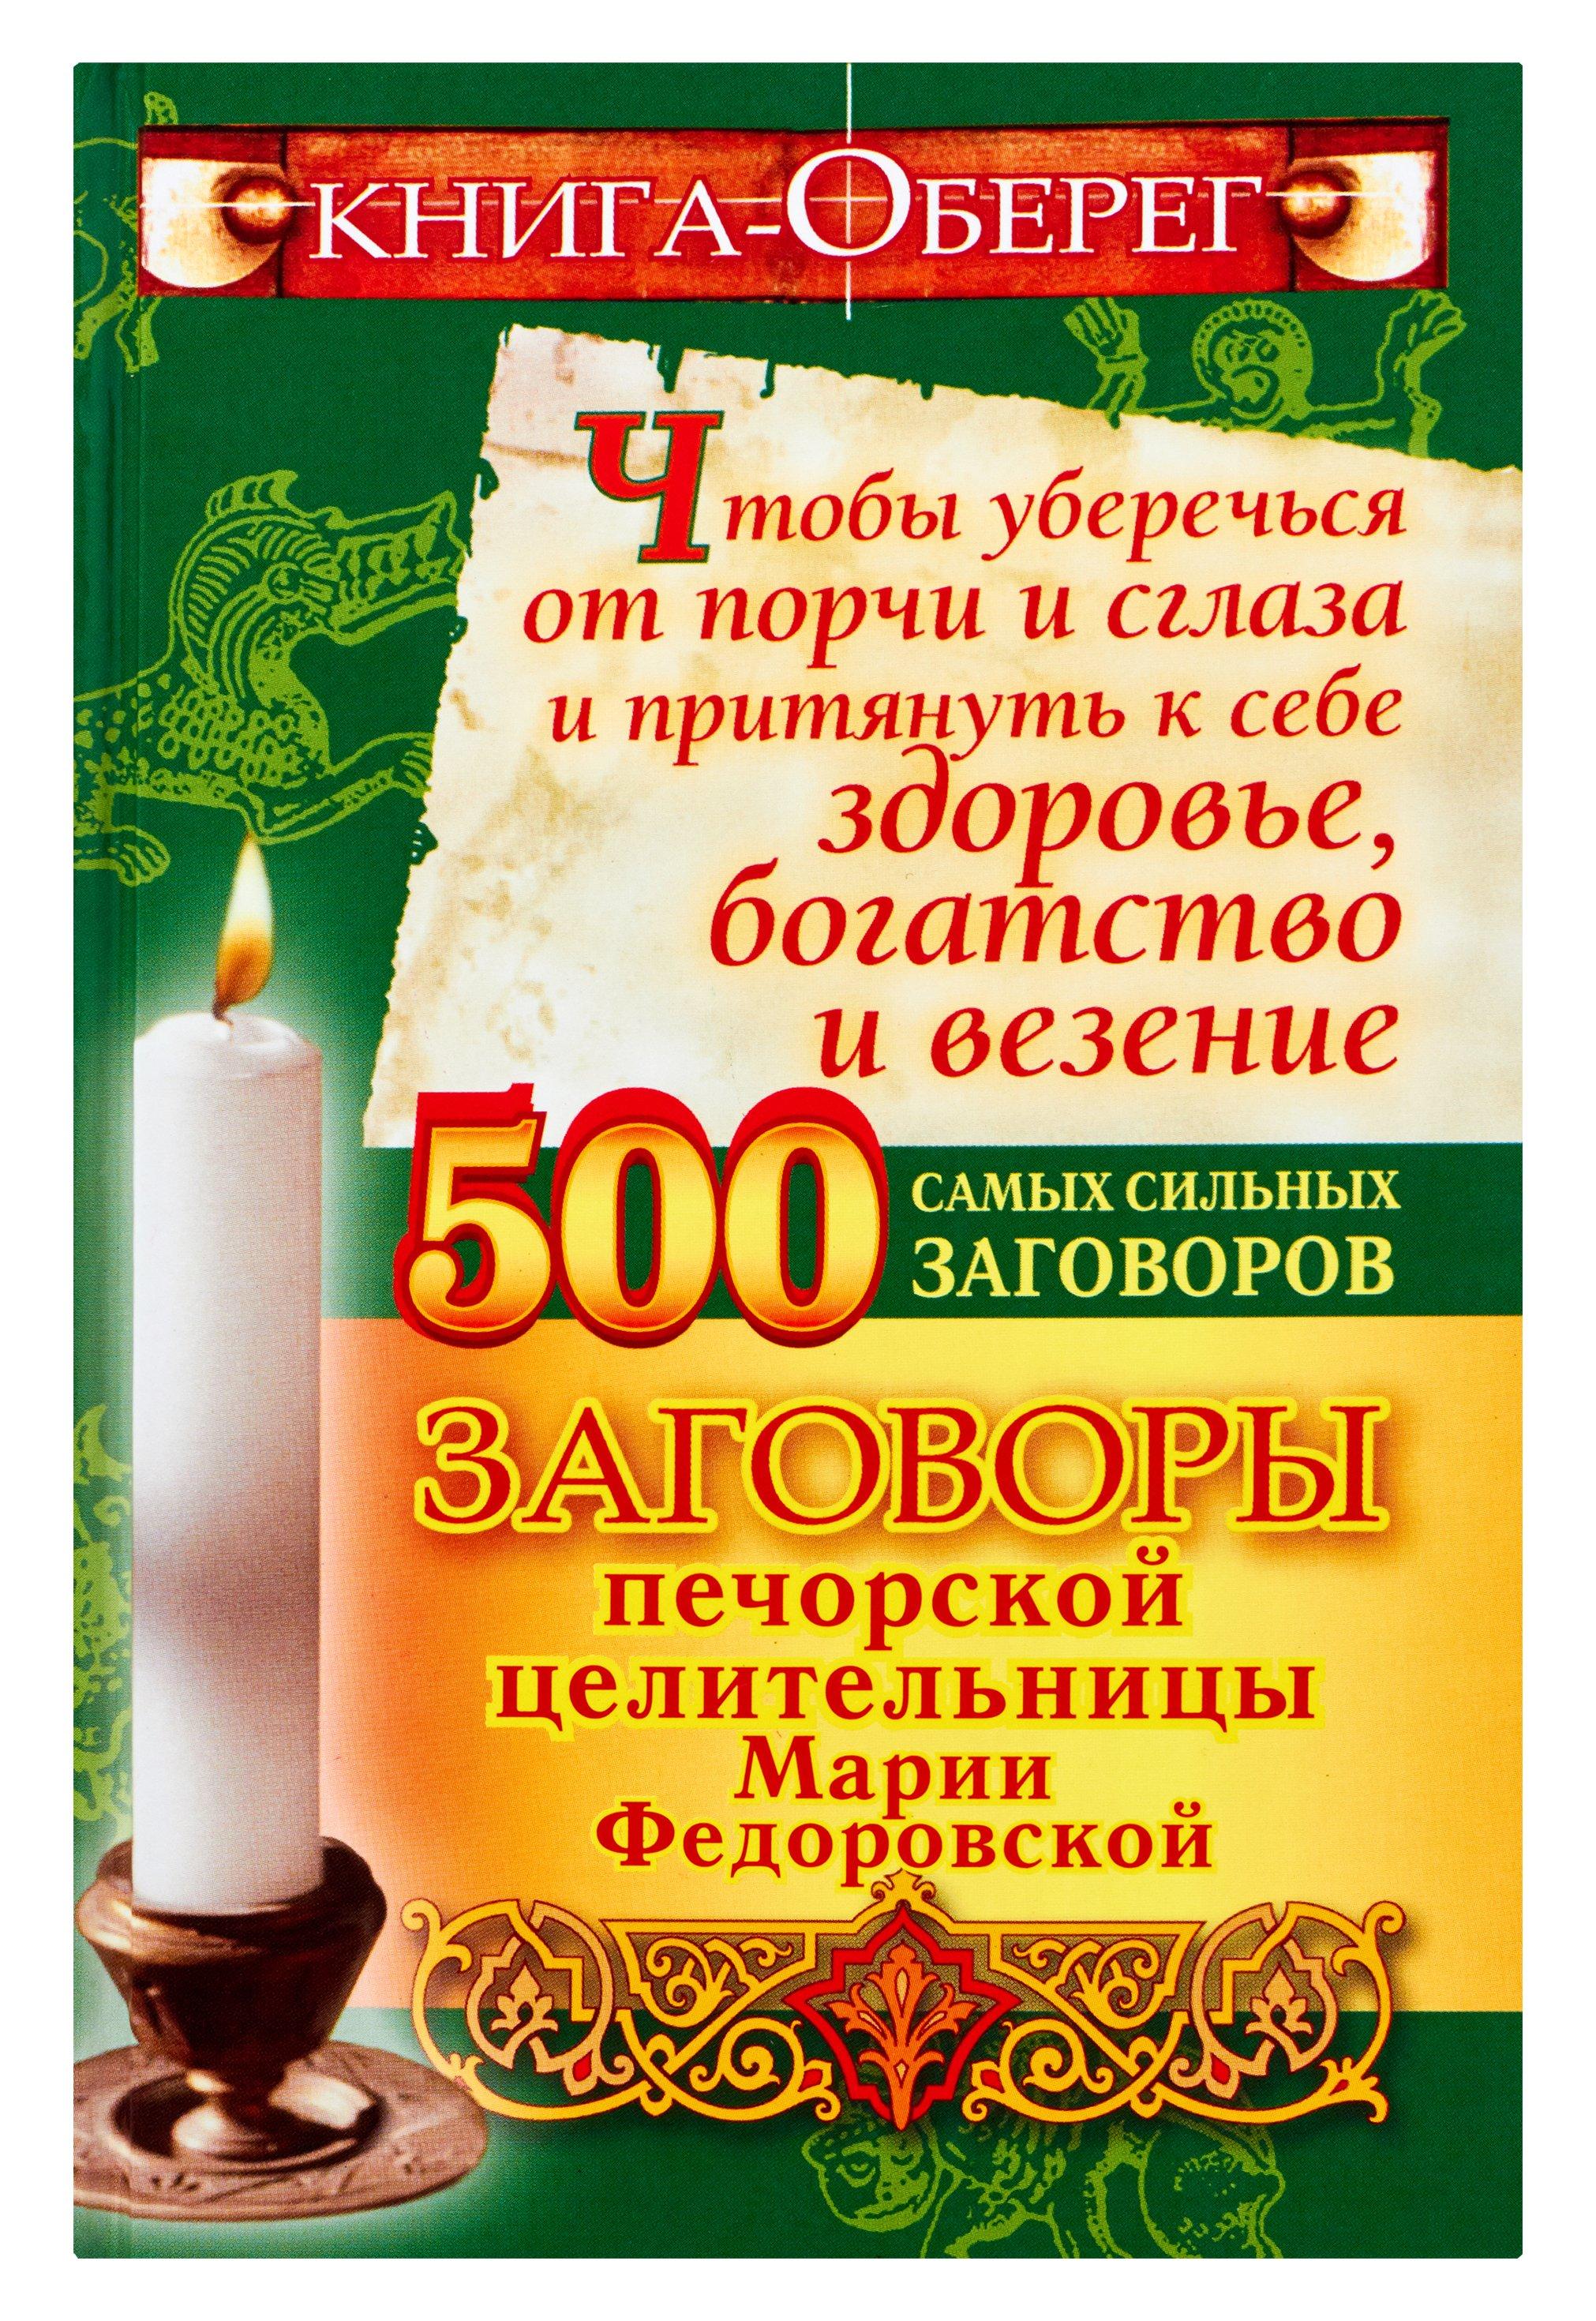 Смородова Ирина Книга-оберег, чтобы уберечься от порчи и сглаза и притянуть к себе здоровье, бог